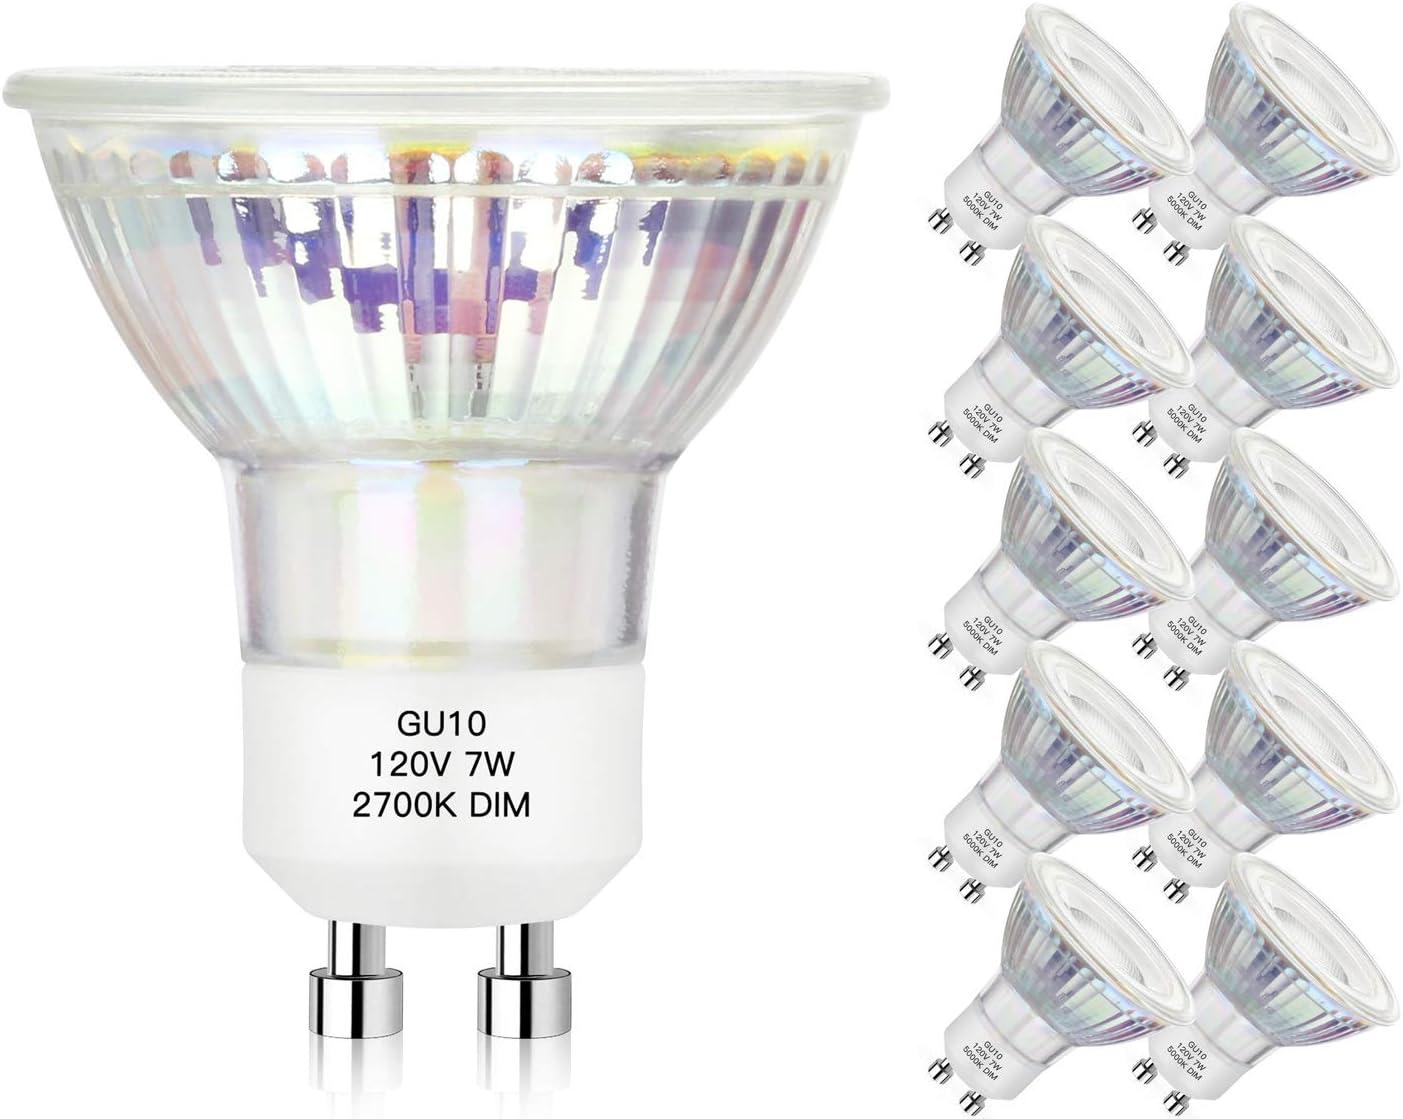 Flood Light MR16 Full Glass Cover Led Track Light Bulbs Warm White 2700K 25000+ hrs 50W 60W Equivalent 10 Pack Dimmable GU10 LED Spotlight Bulbs 7 Watt 600Lumens